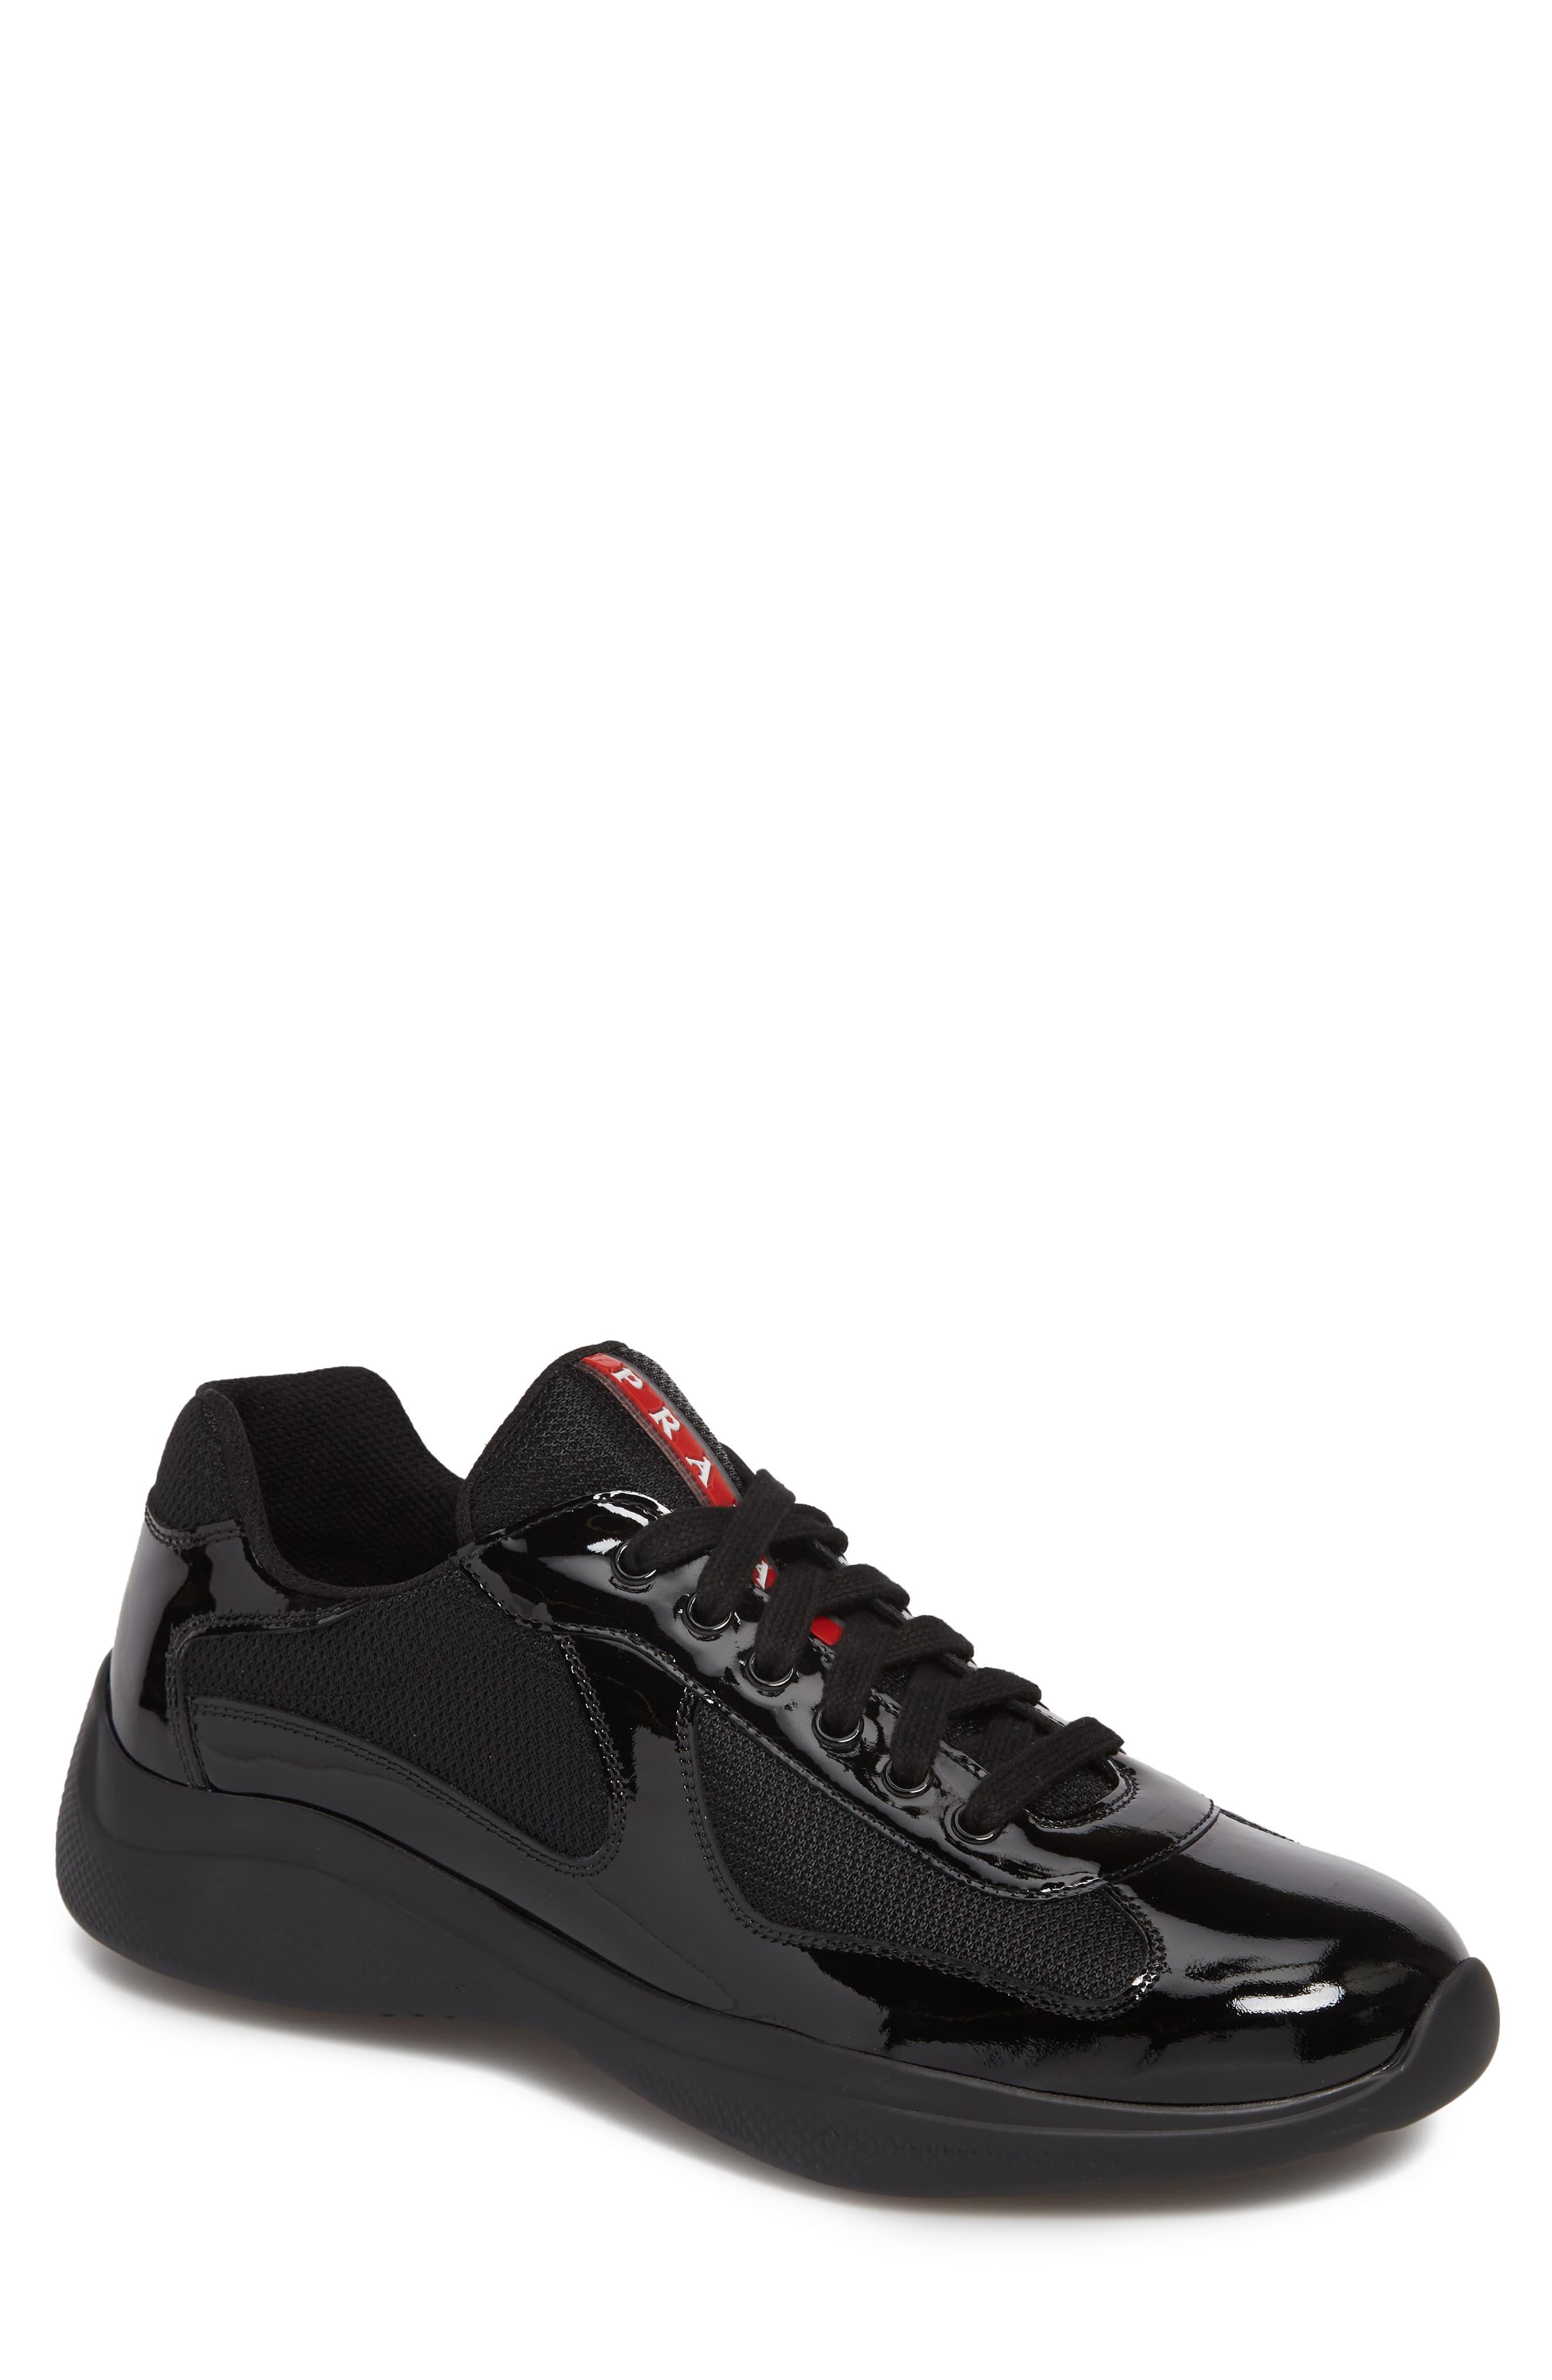 Prada Americas Cup Sneaker (Men | Prada sneakers, Prada men